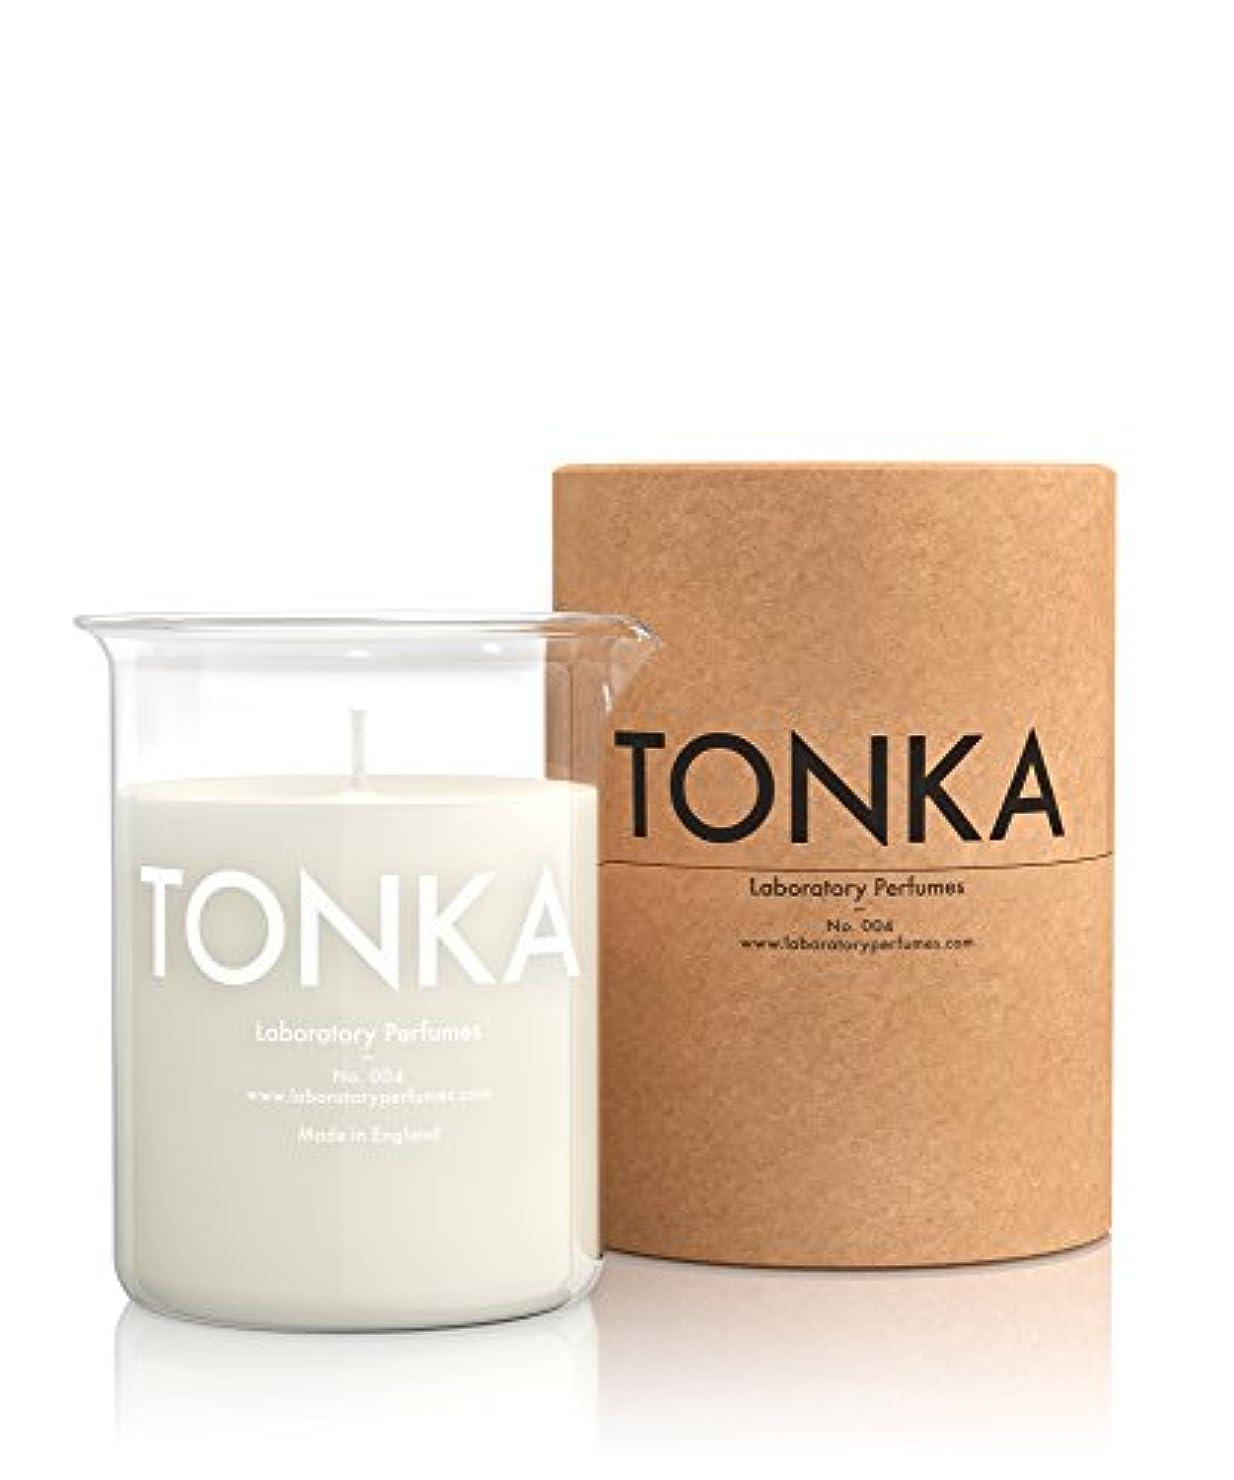 してはいけないチップ襲撃Labortory Perfumes キャンドル トンカ Tonka (アロマティックオリエンタル Aromatic Oriental) Candle ラボラトリー パフューム